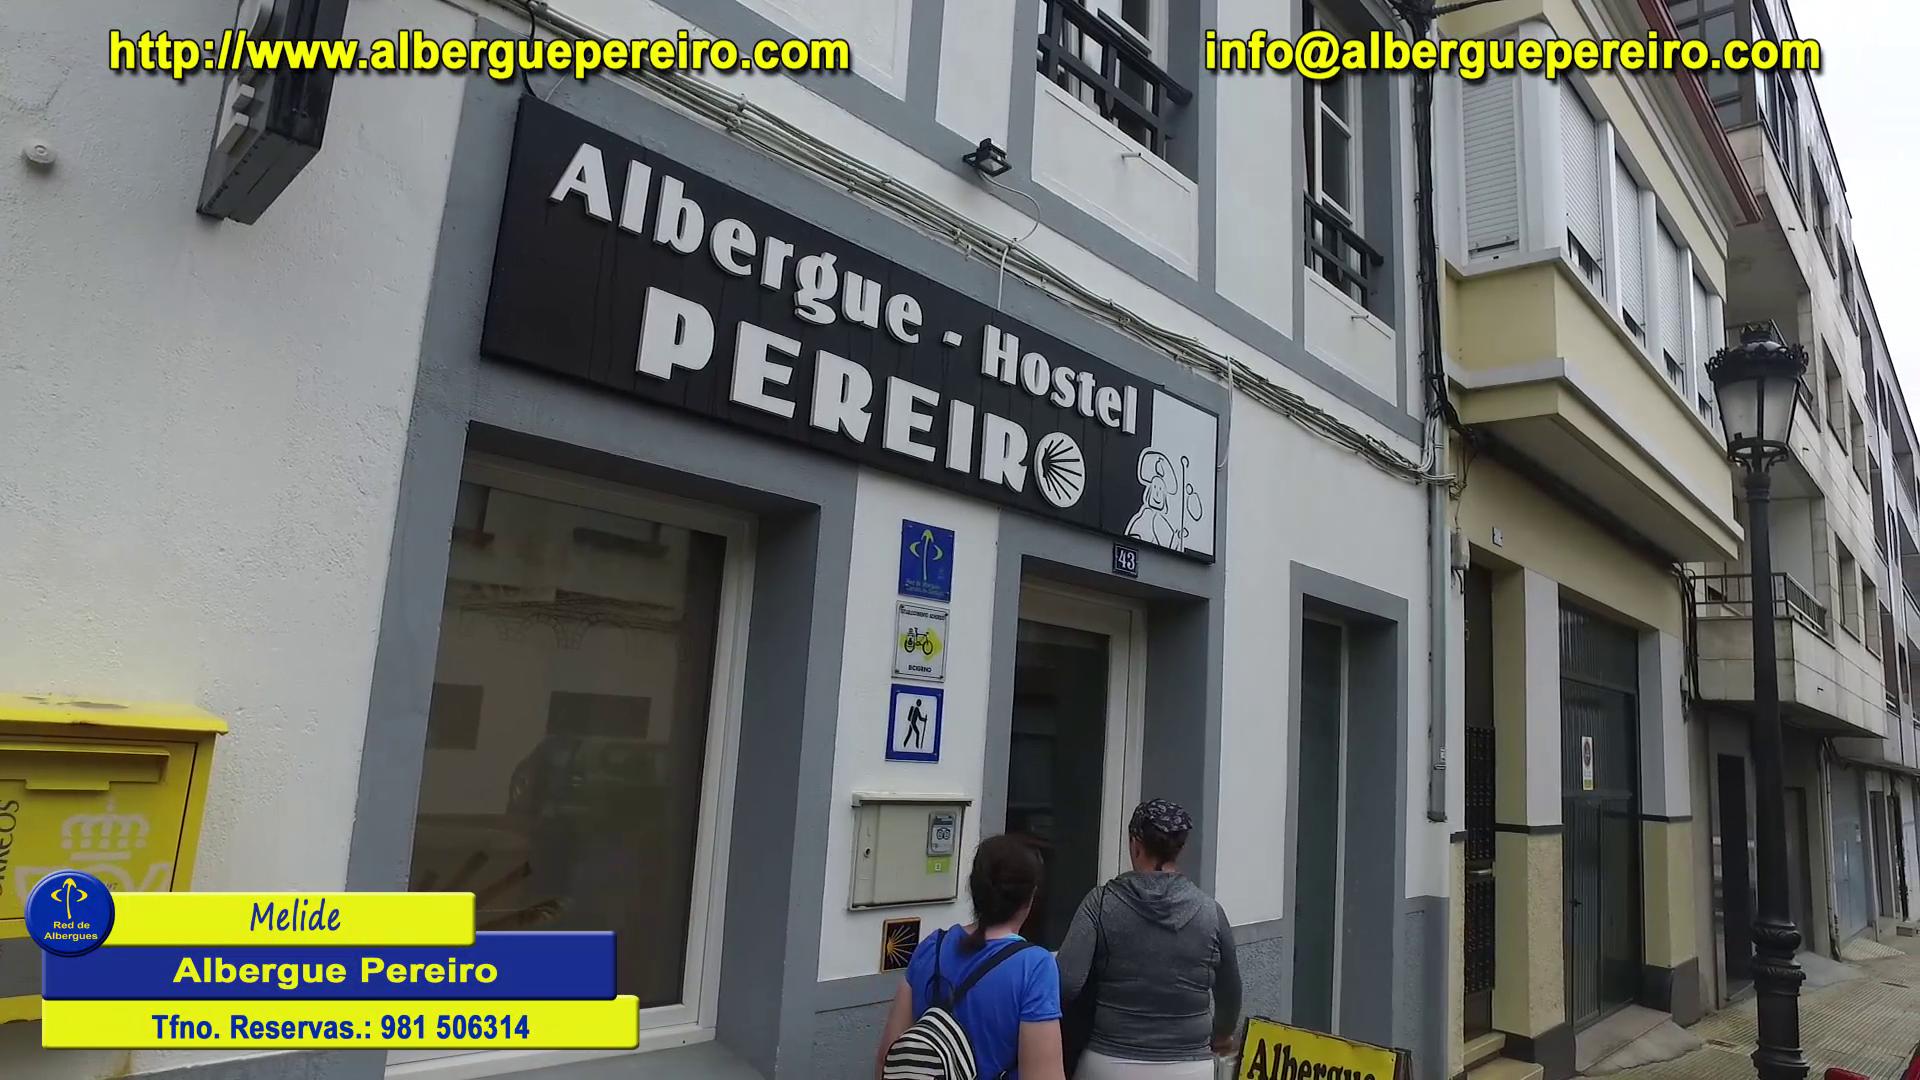 Melide albergue Pereiro